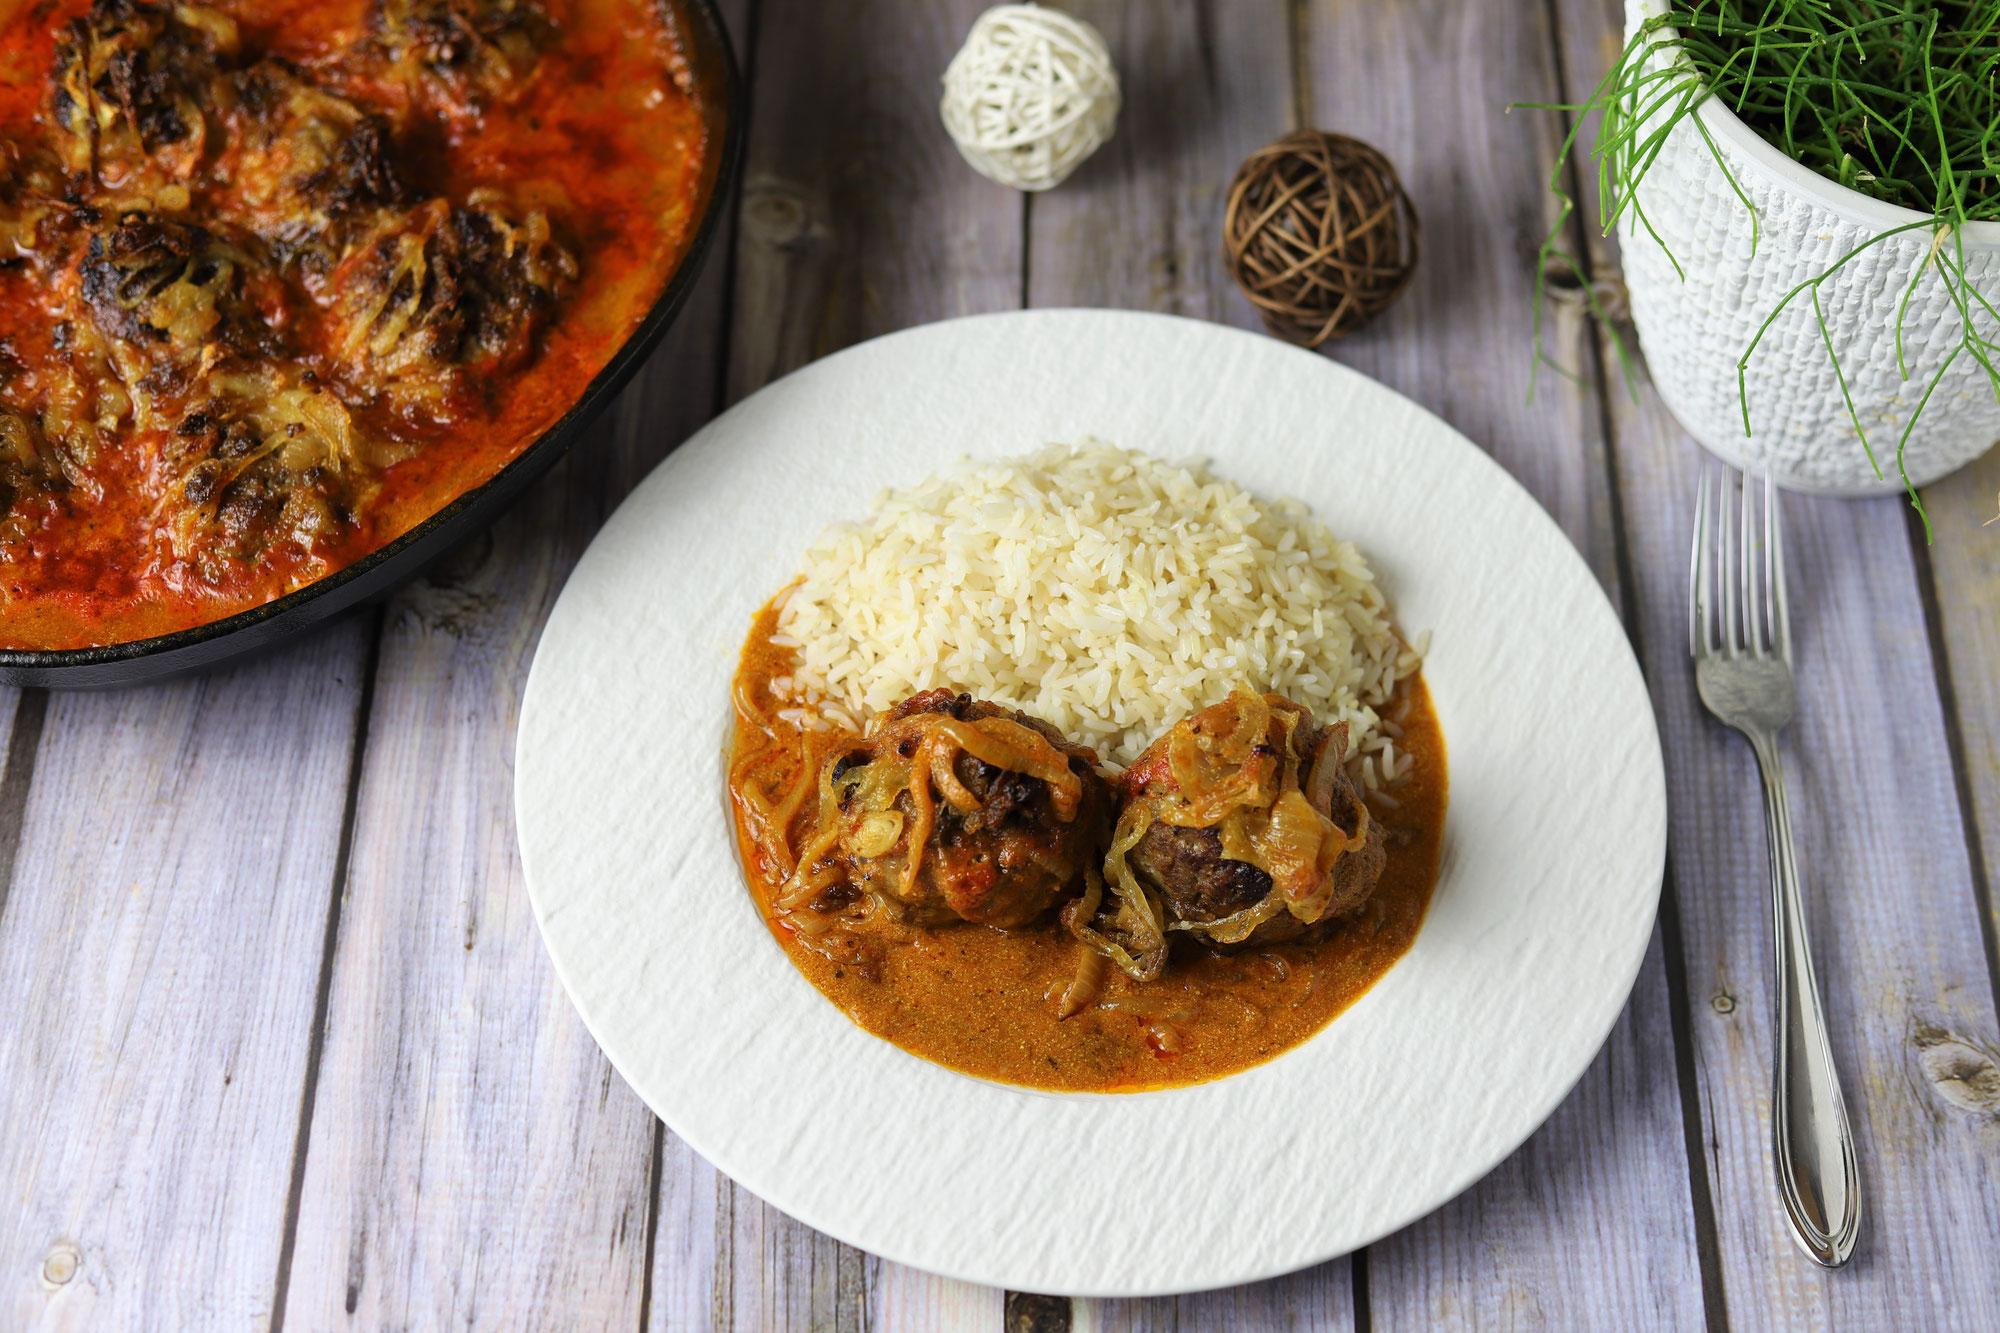 Hackbällchen in Curry-Senf-Soße aus der gusseisernen Pfanne von Pampered Chef®